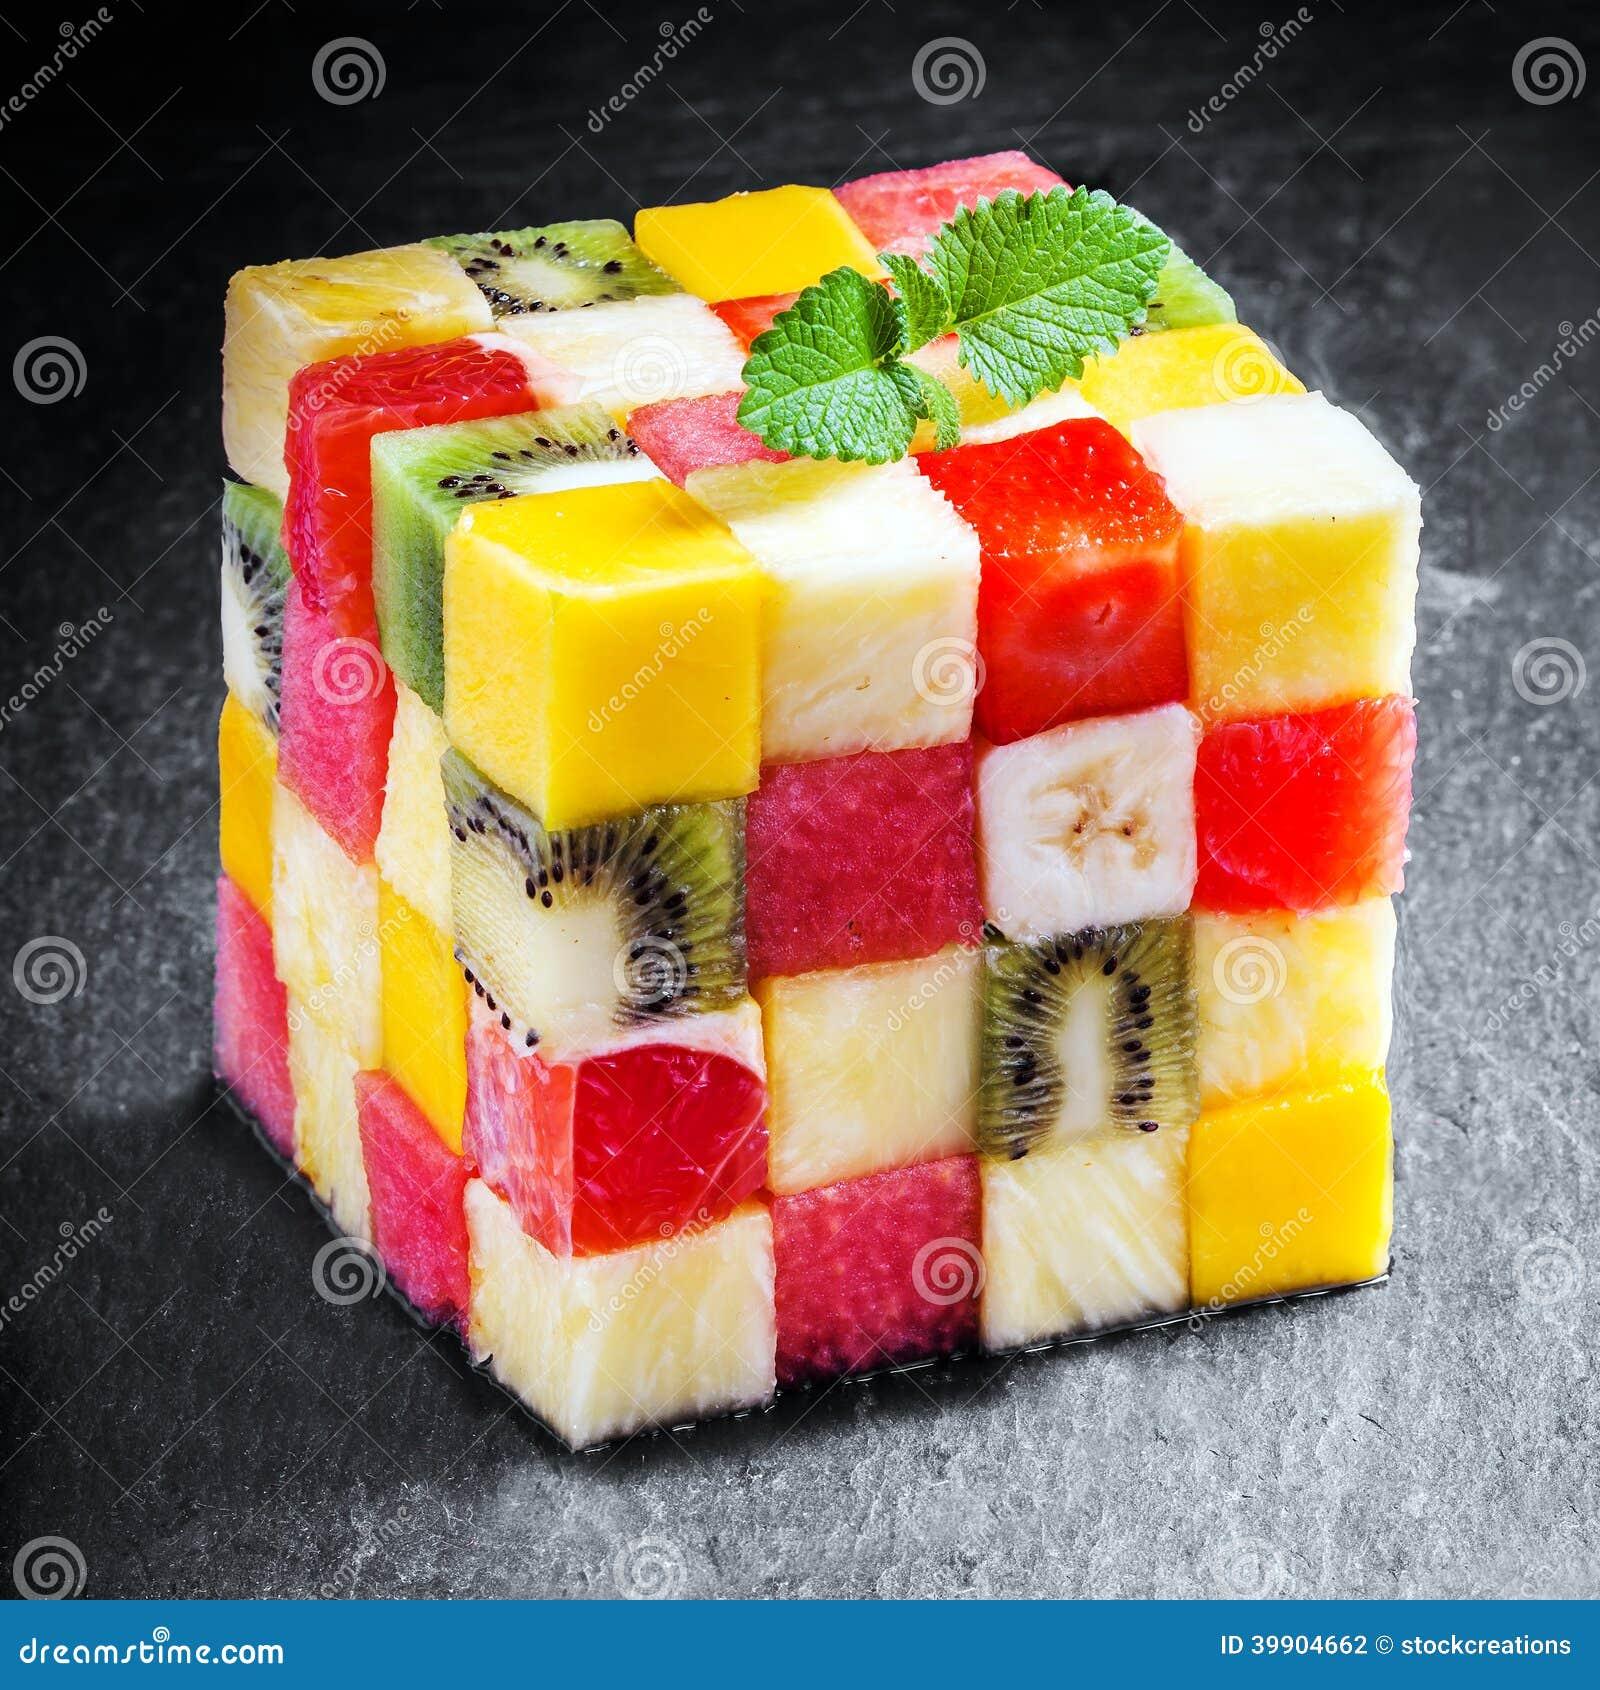 Cubo decorativo de la fruta fresca cortada en cuadritos del verano